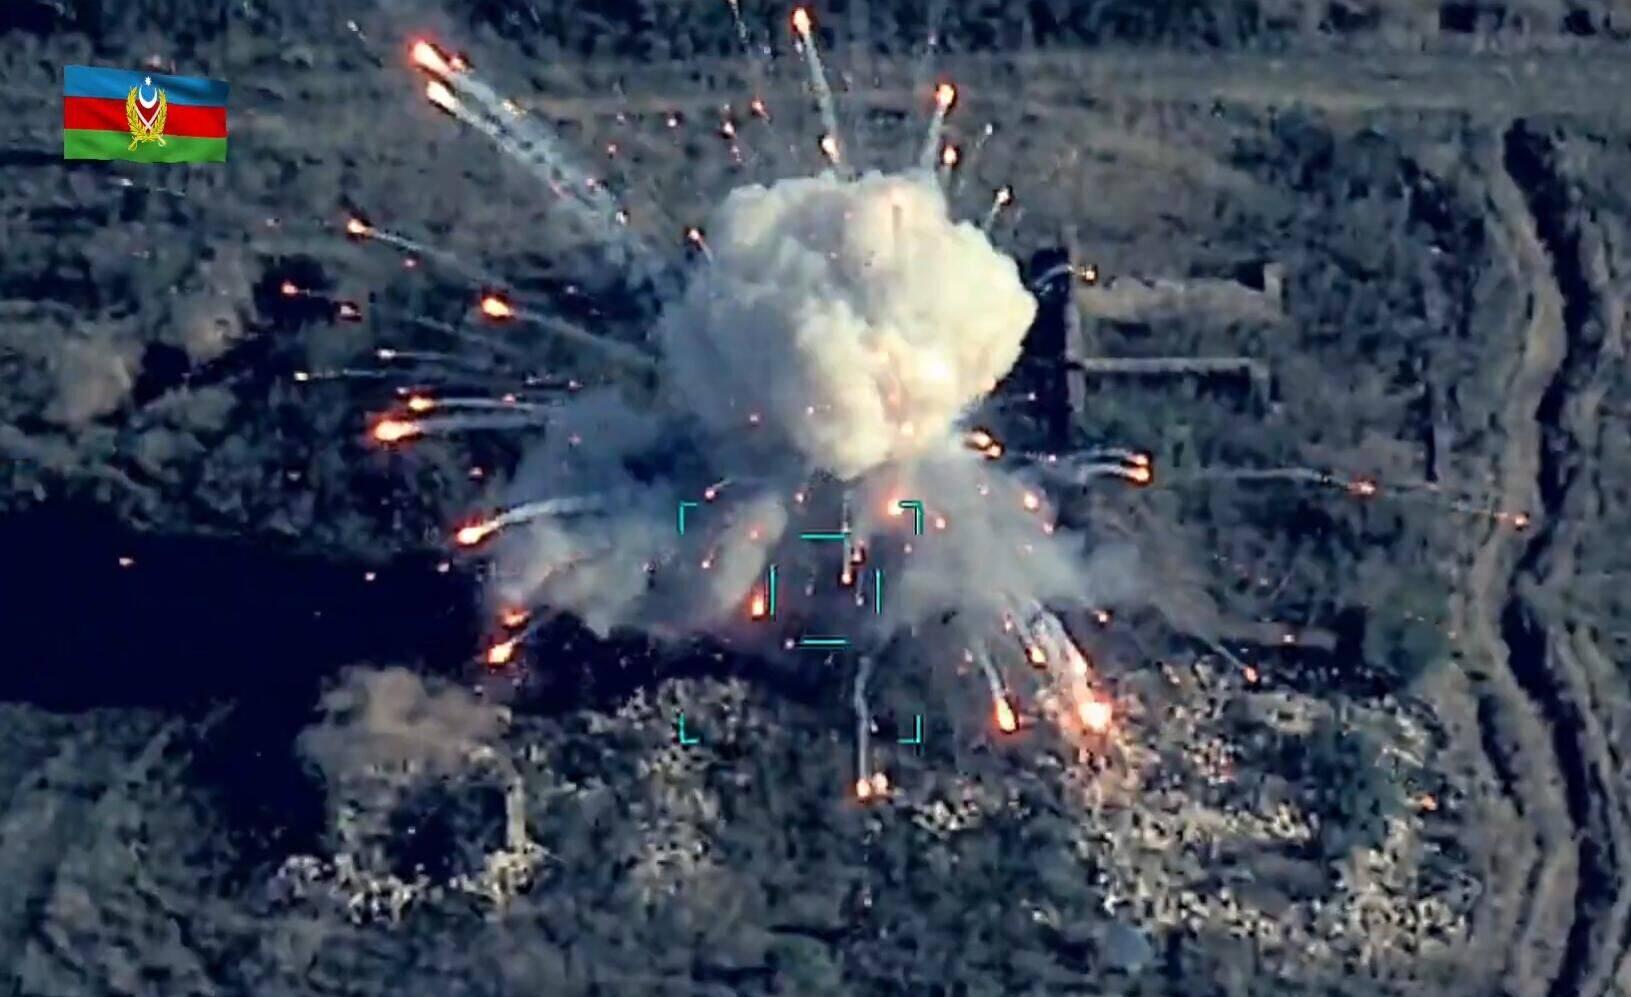 恒达官网外媒:阿塞拜疆称击中亚美尼亚导弹发射场